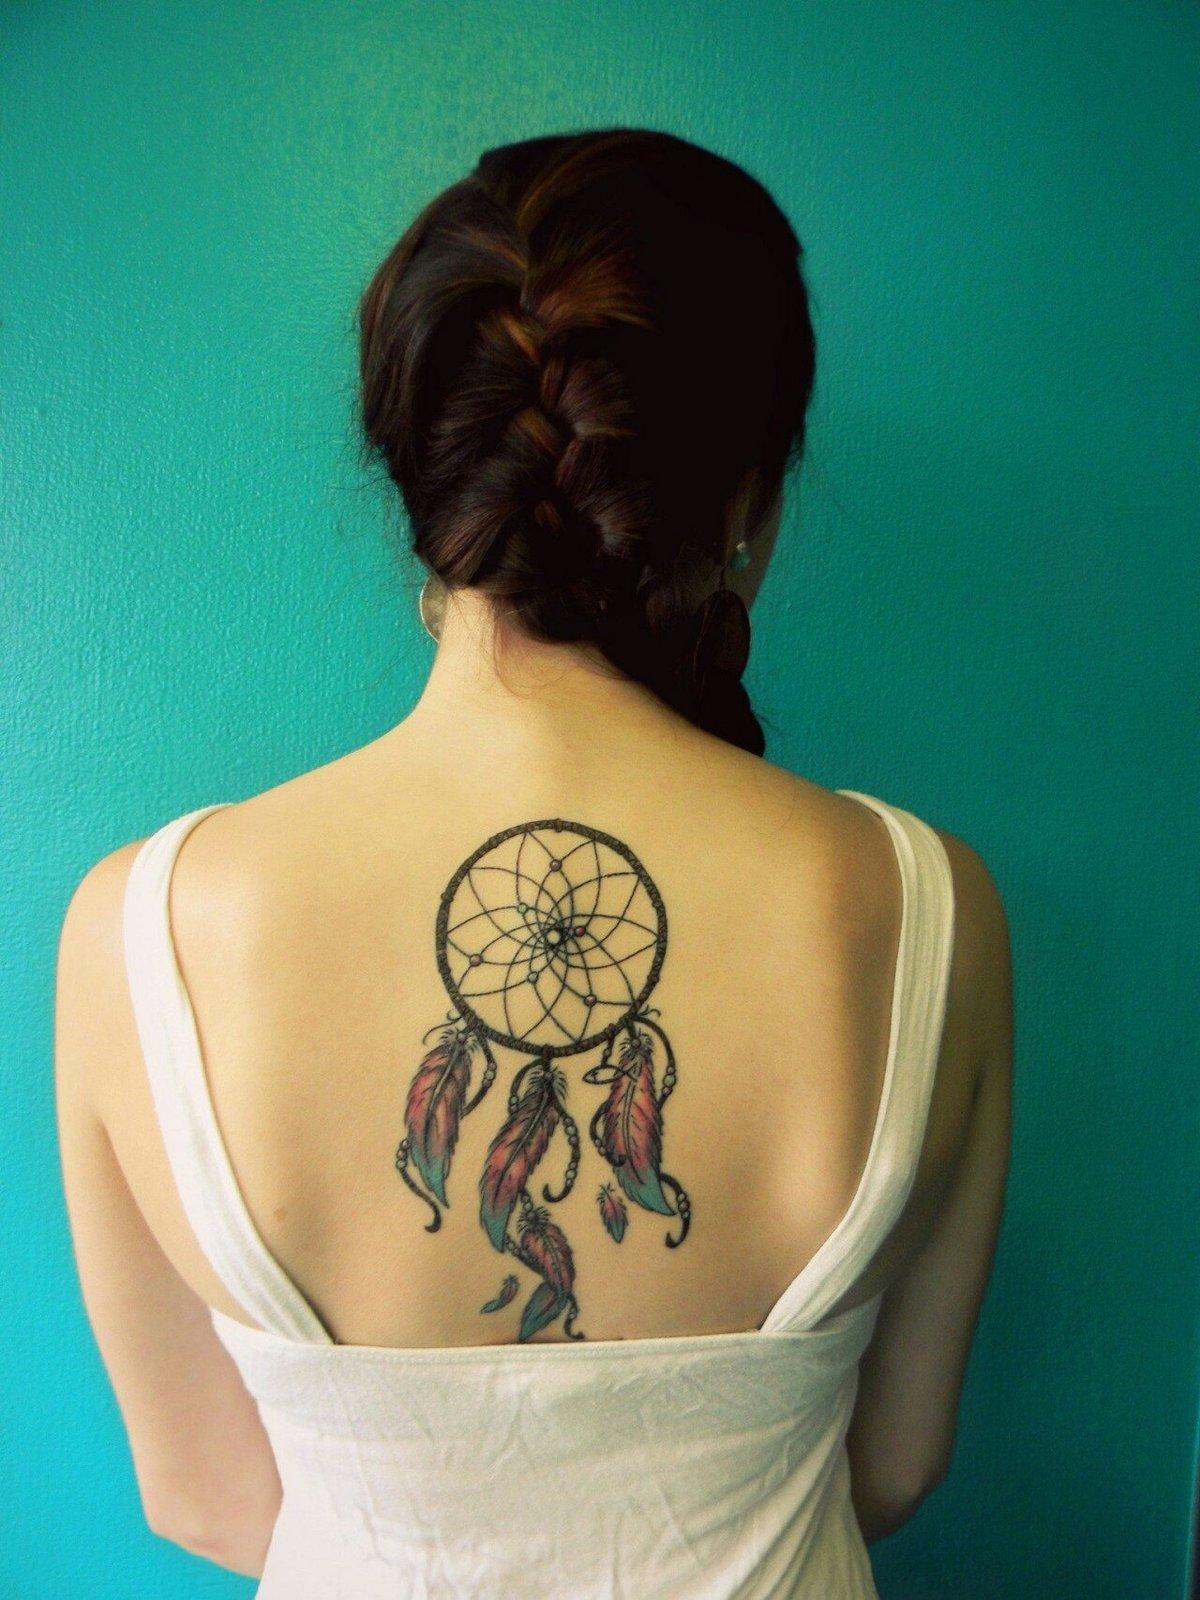 Татуировка для девушек ловец снов с фото